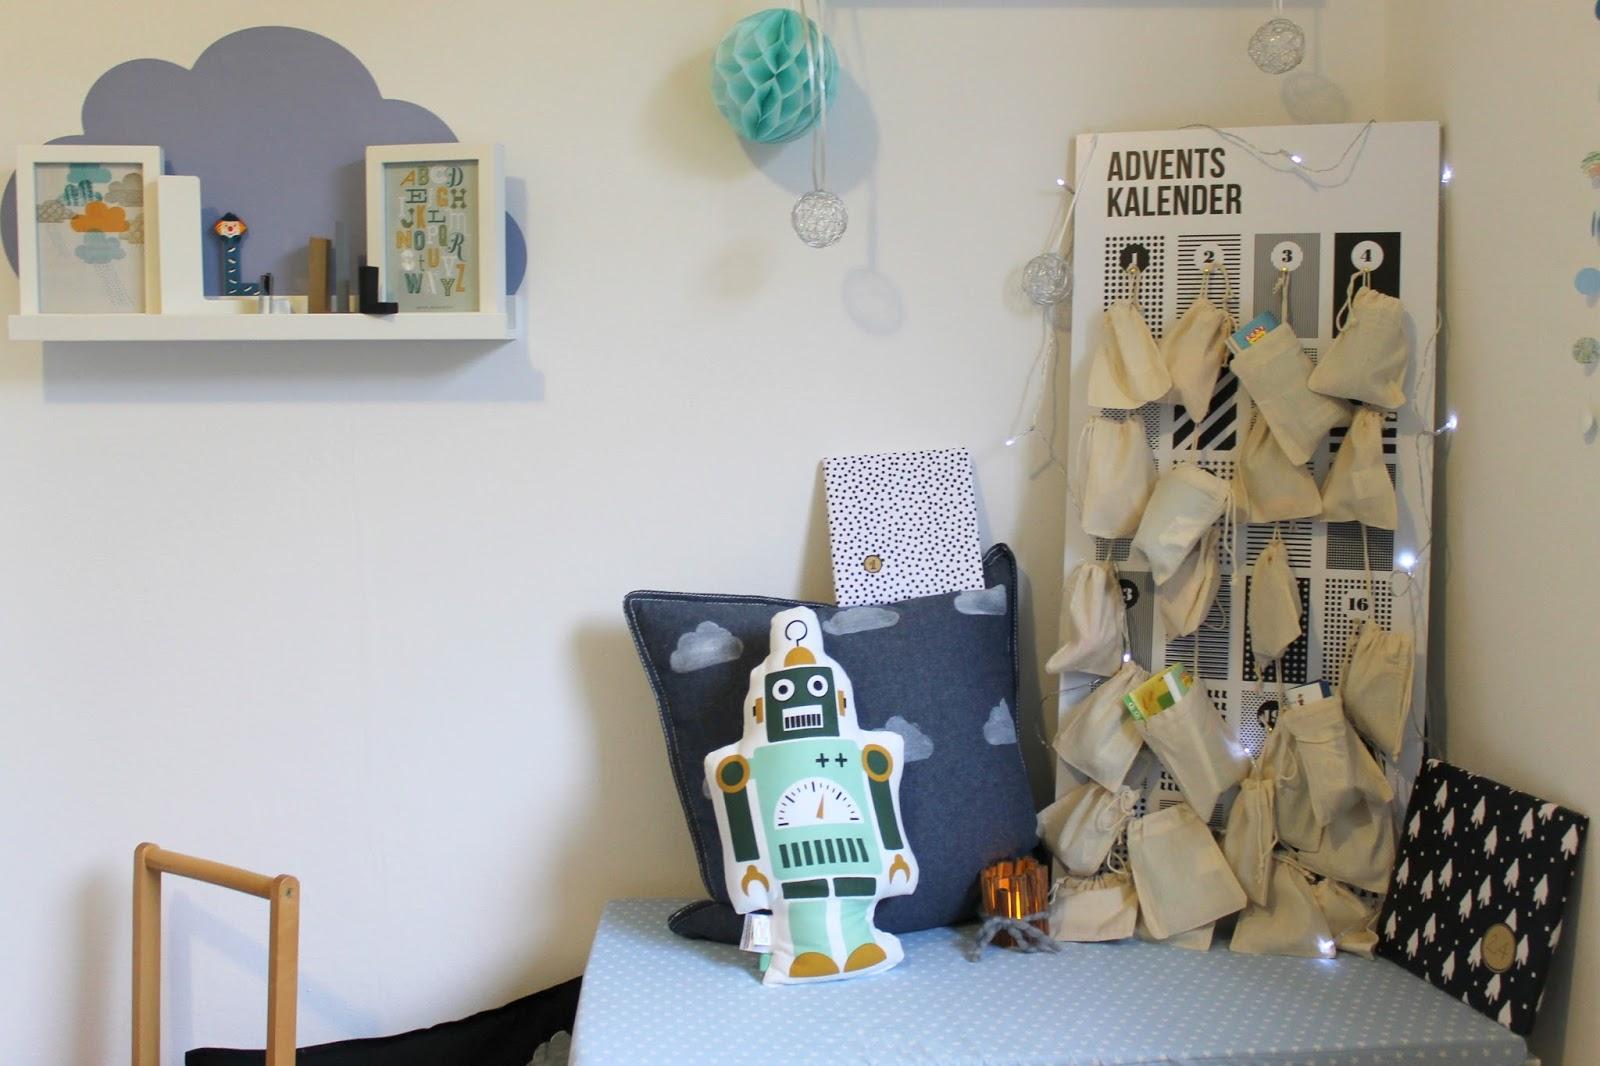 kleines freudenhaus diy adventskalender f r kinder und alle schwarz wei fans. Black Bedroom Furniture Sets. Home Design Ideas